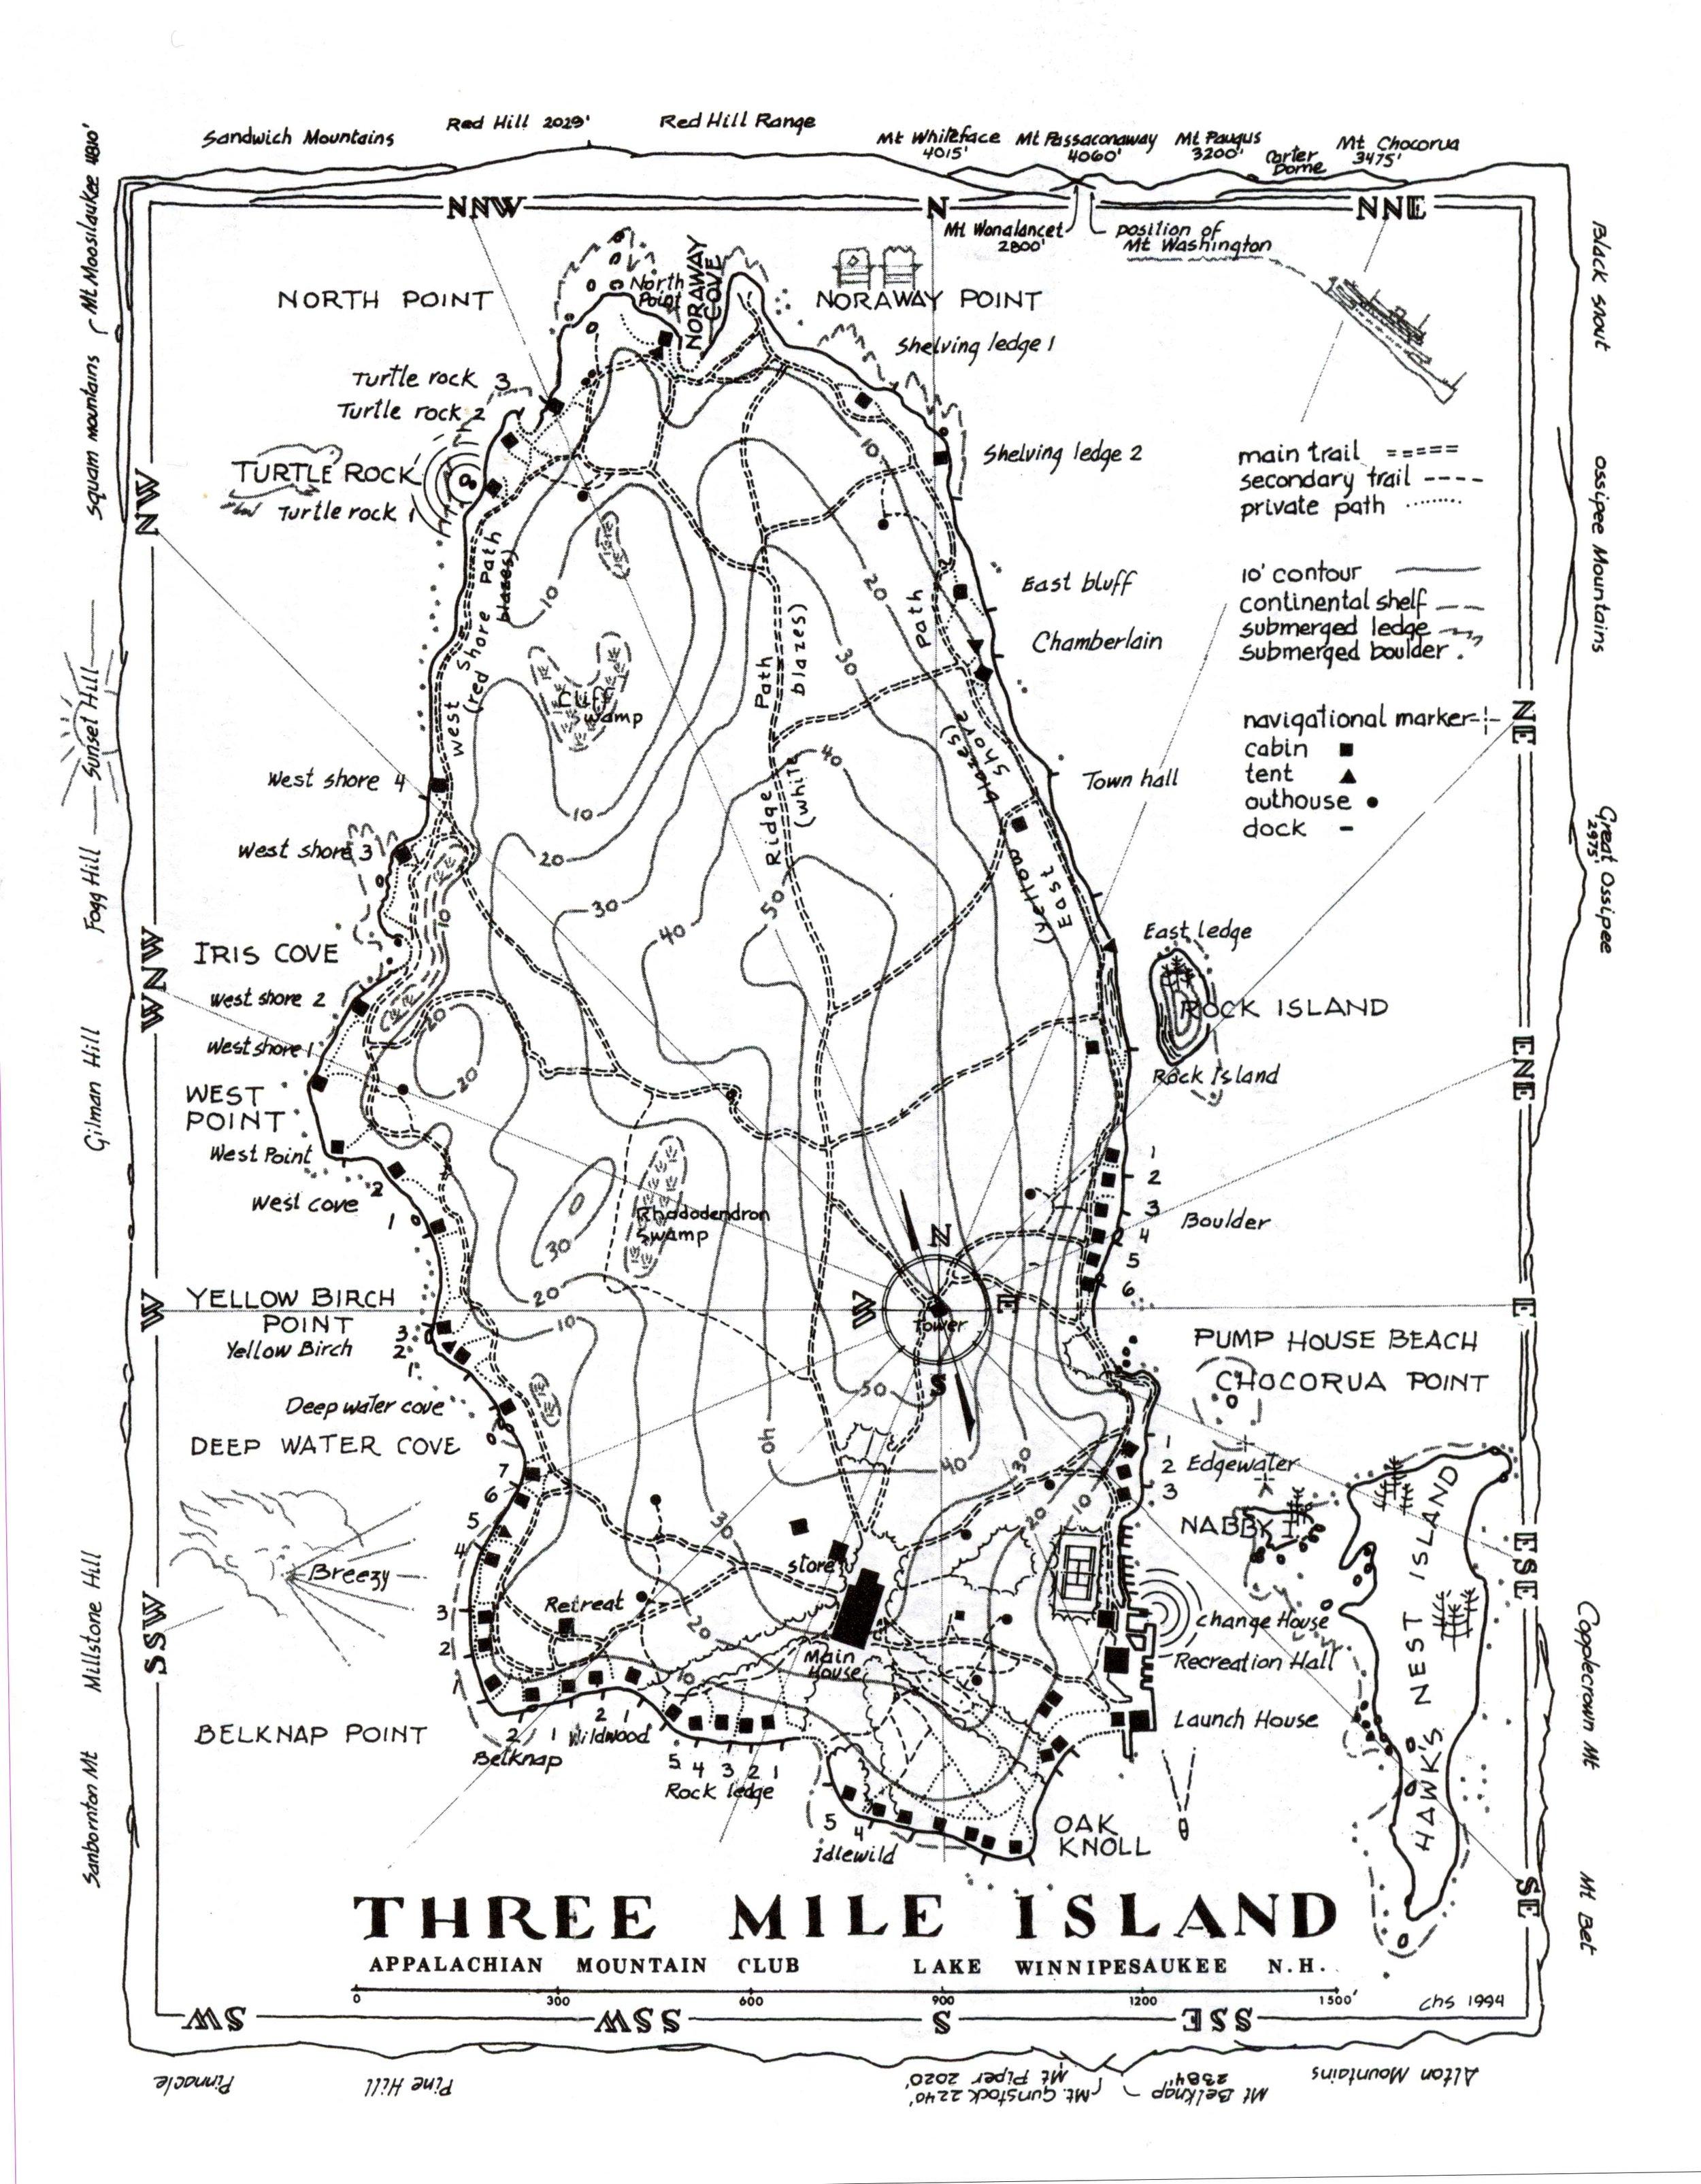 tmi_map.jpg